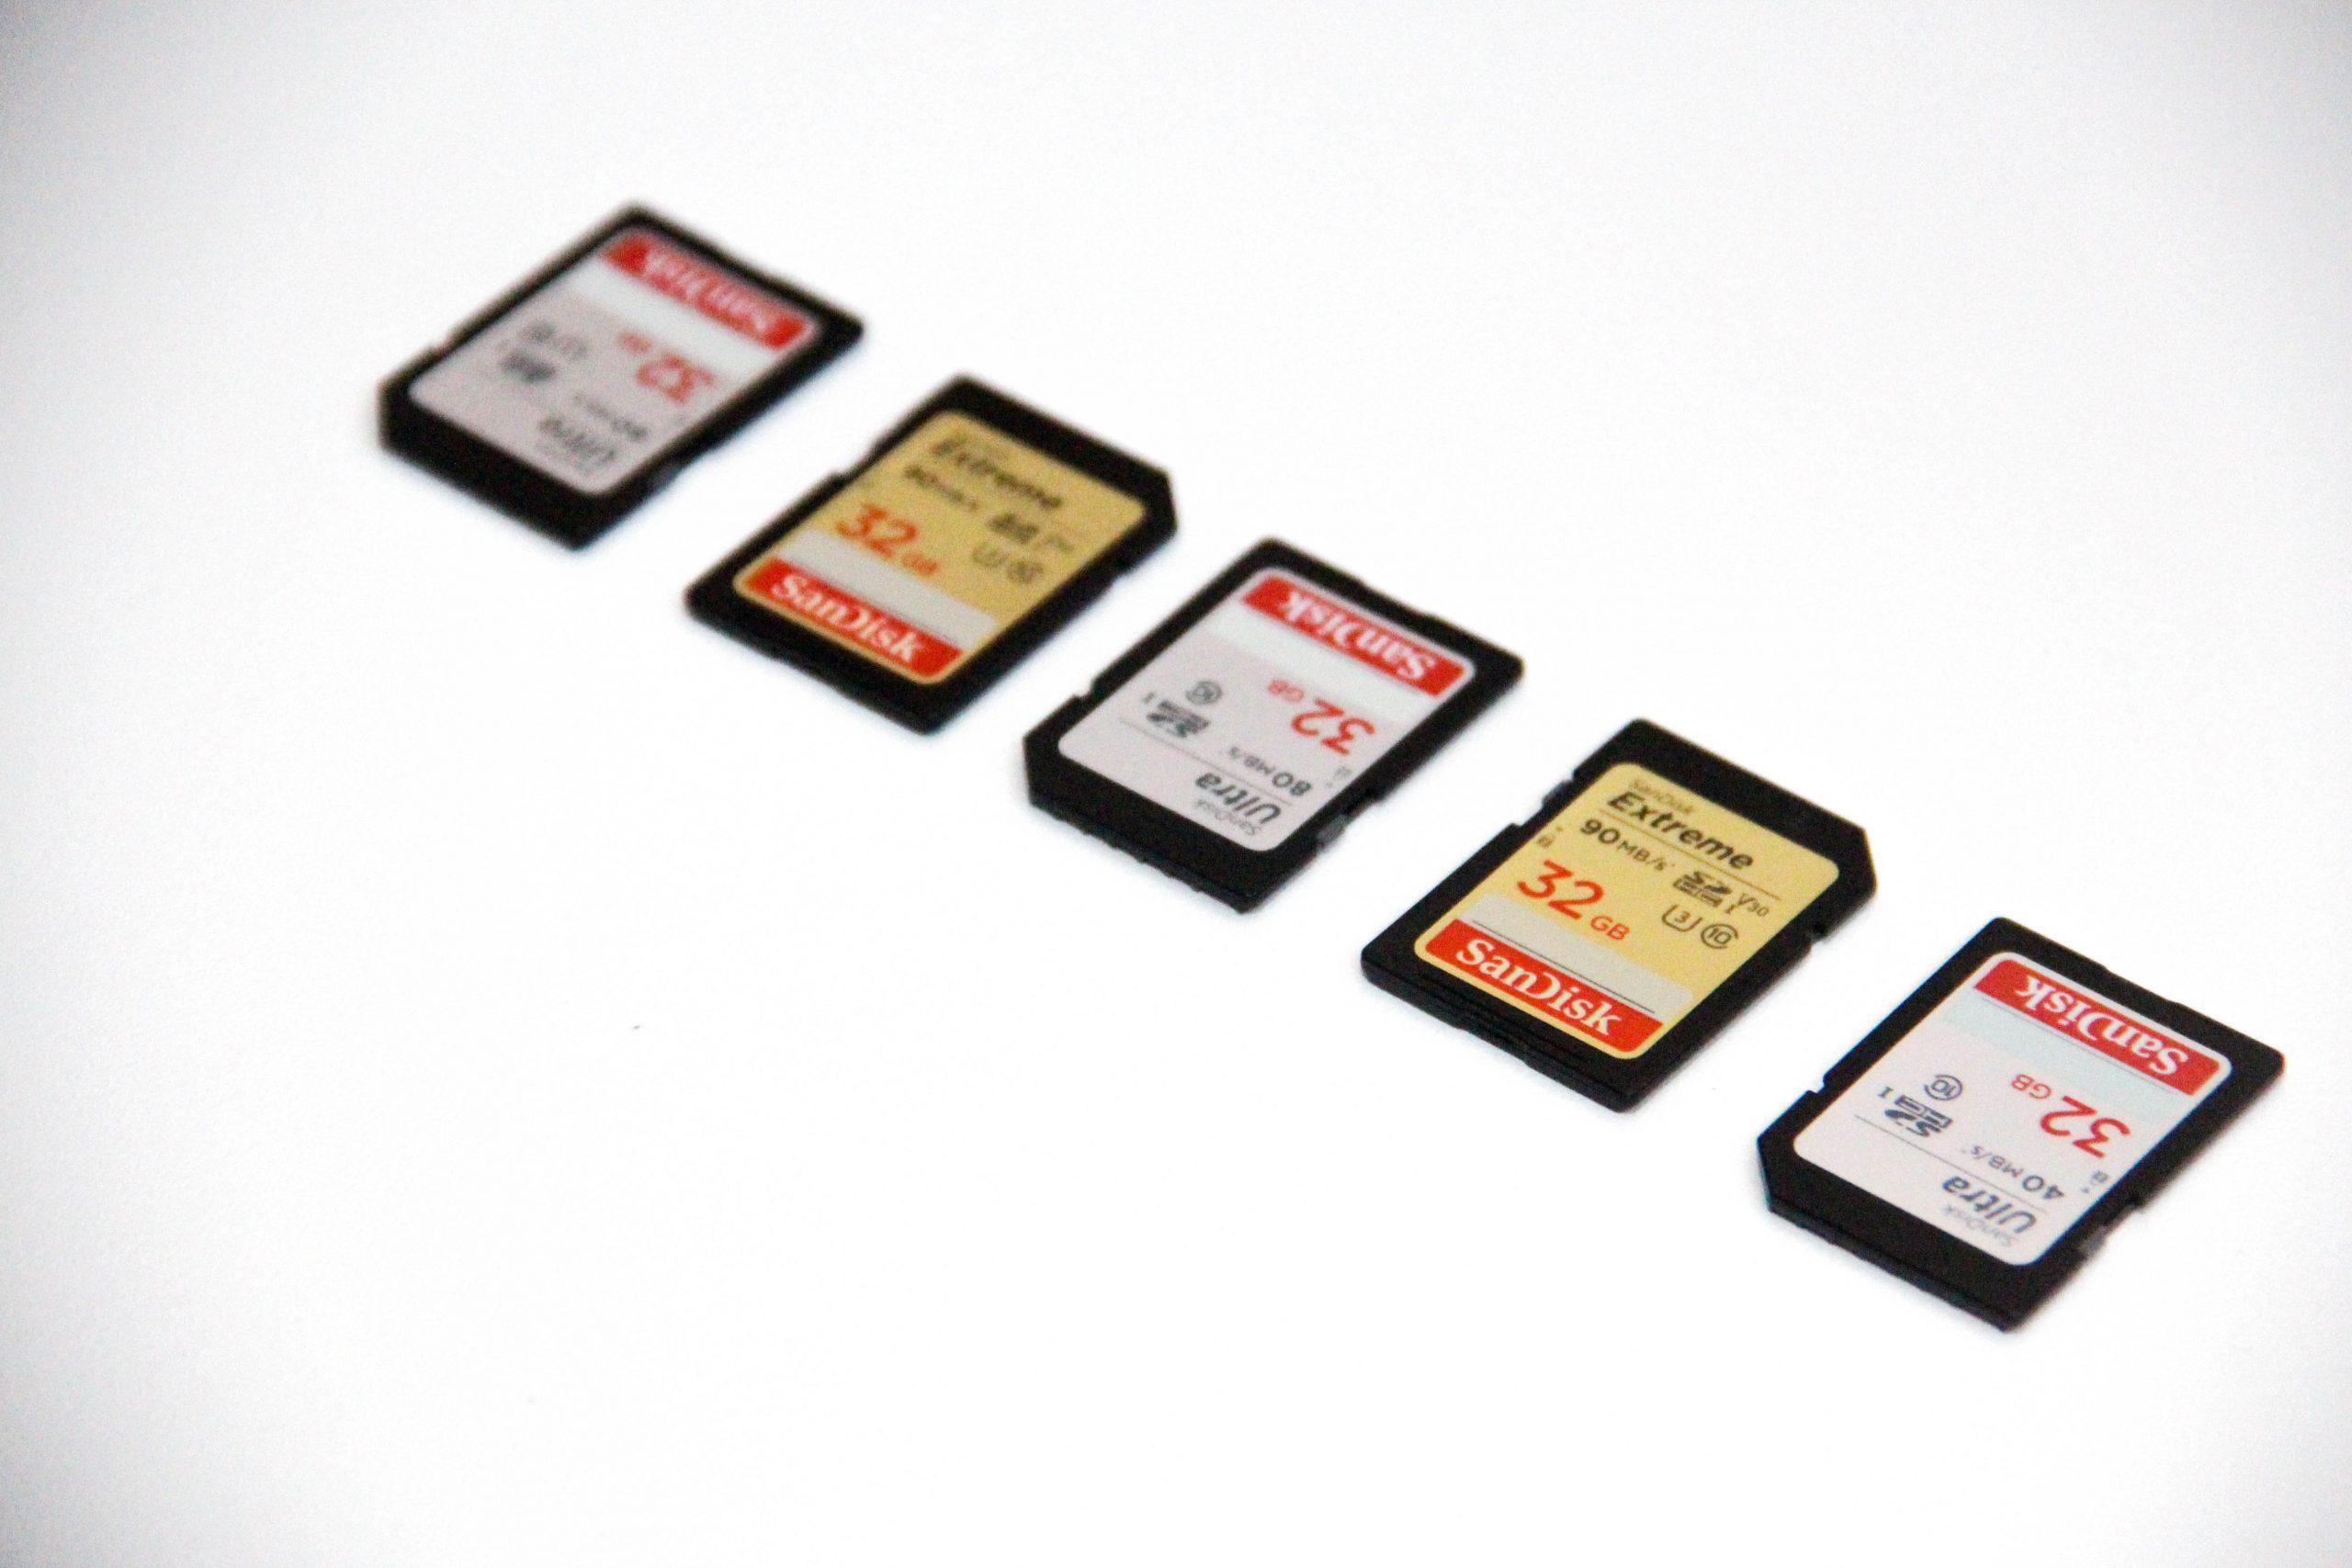 Cara memperbaiki kartu SD yang rusak